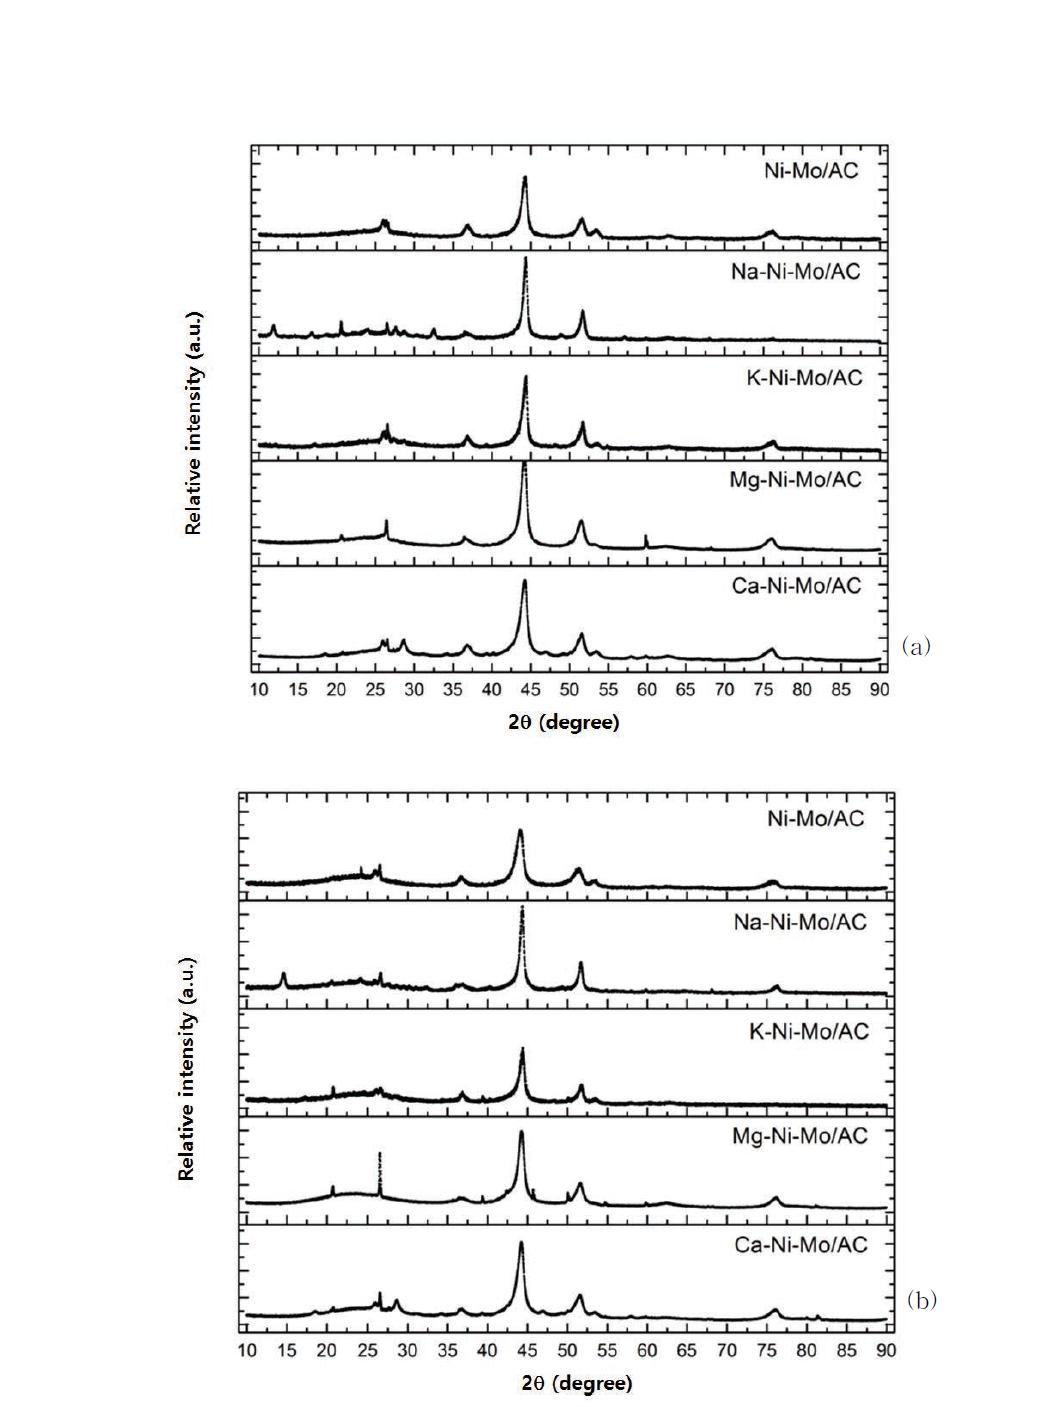 Ni-Mo/AC와 X-Ni-Mo/AC 촉매의XRD 패턴: (a) 반응전 촉매, (b) 반응후 촉매